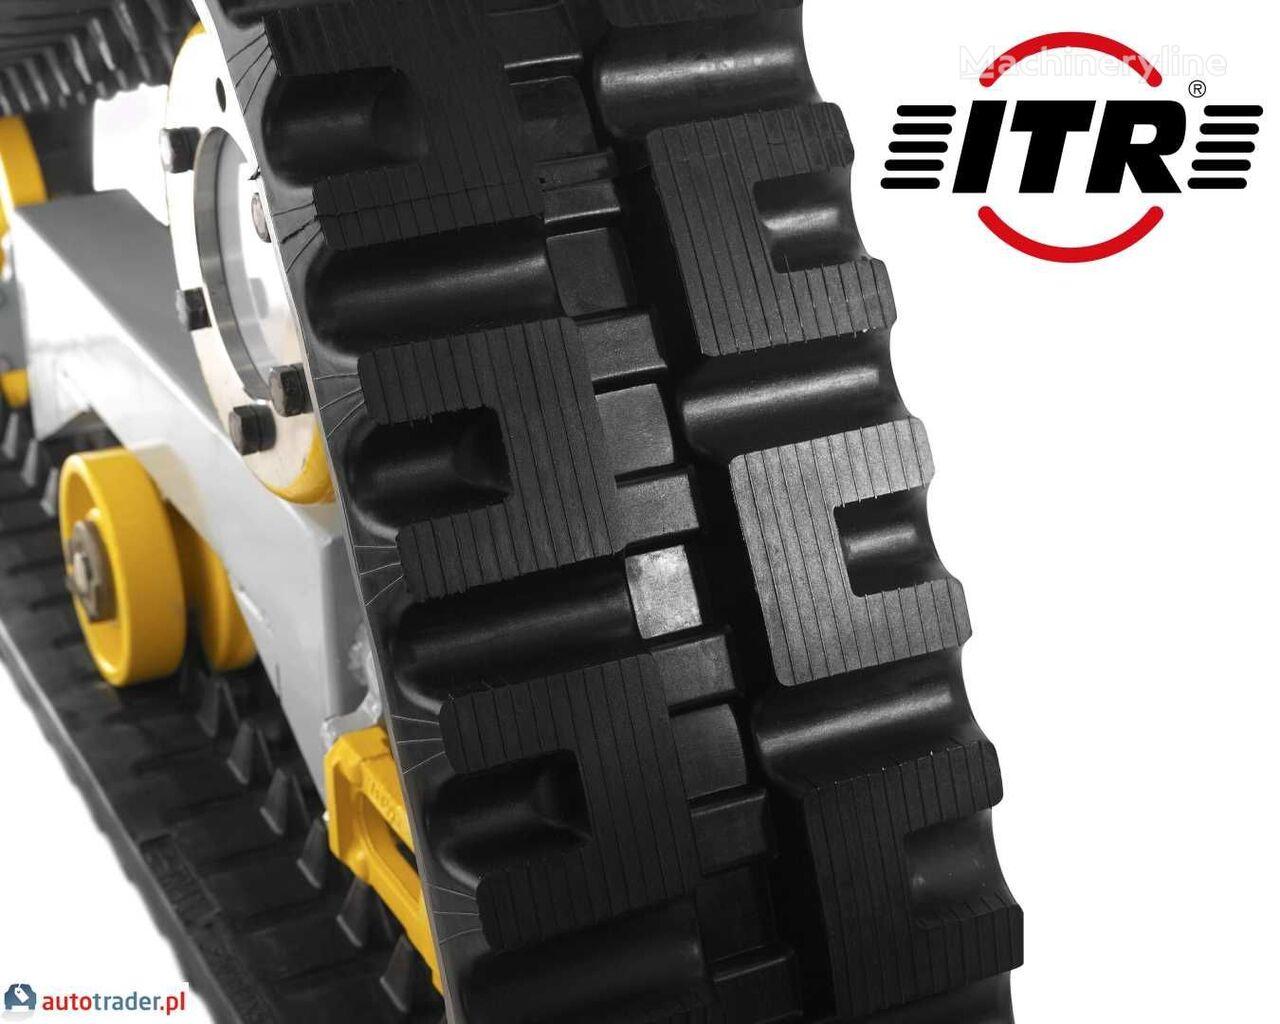 Şenilă pentru ITR PEL JOB LS406 2016r ITR miniexcavator